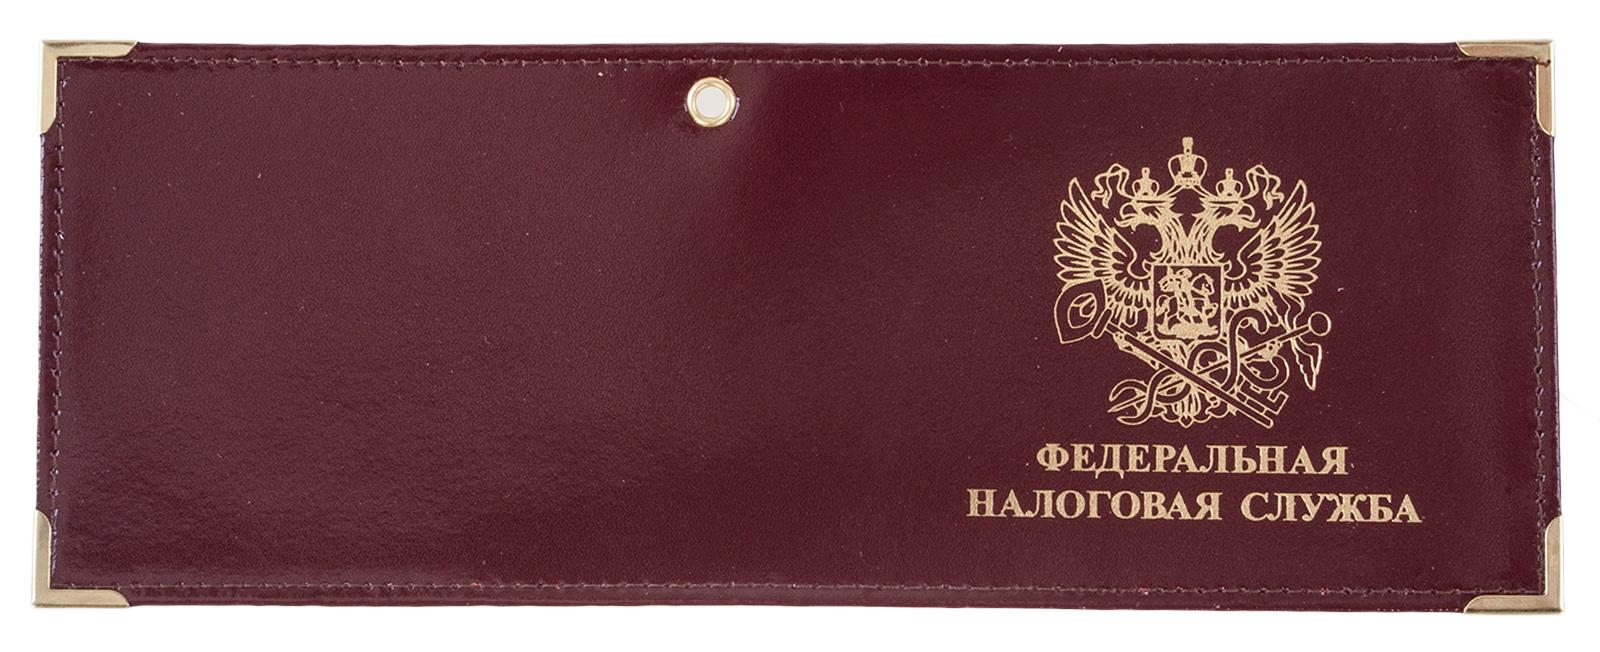 Обложка на удостоверение ФНС Федеральная налоговая служба